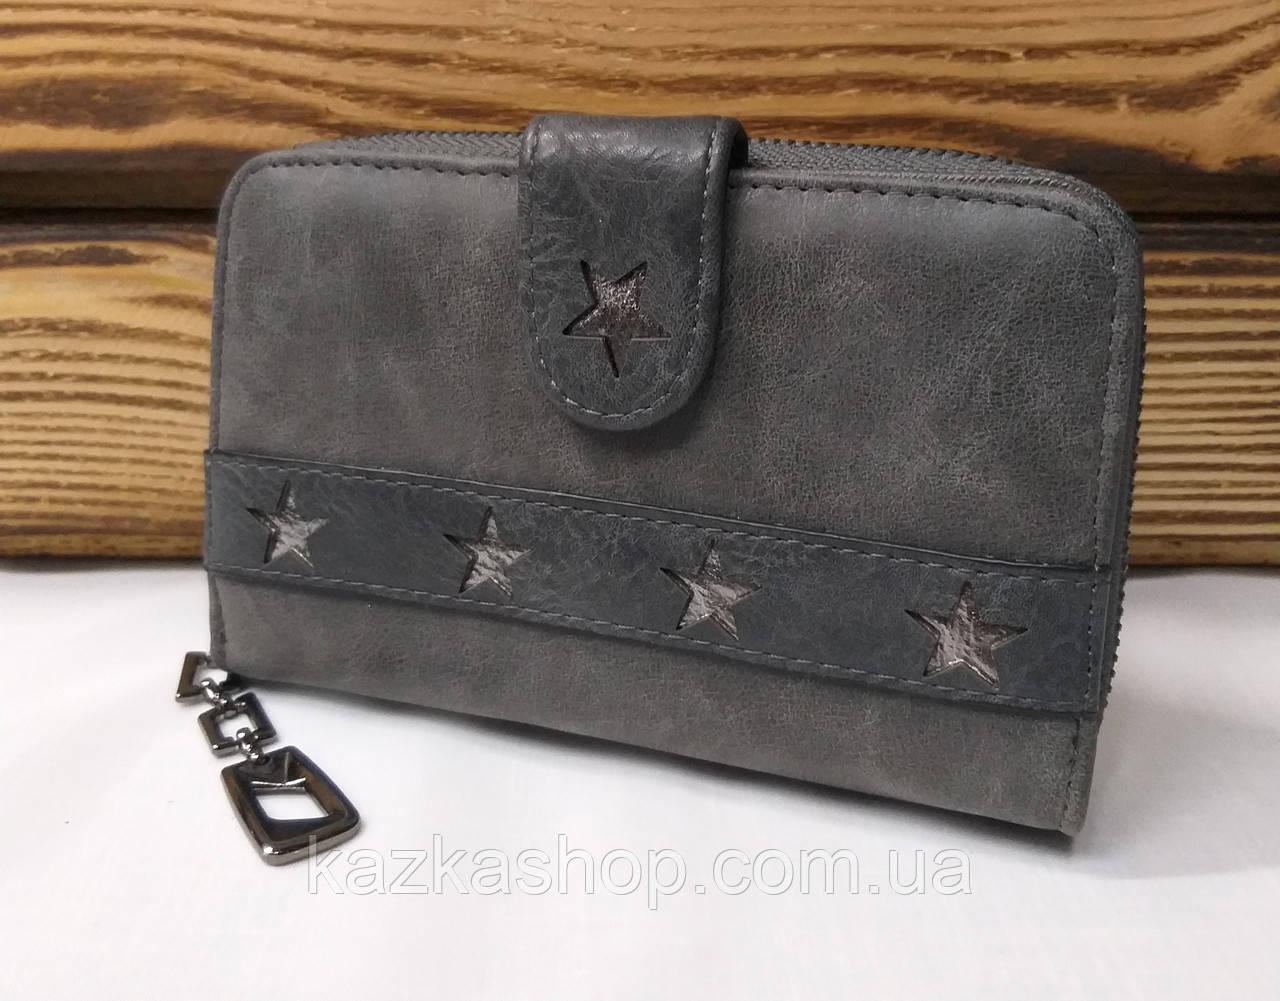 Женский кошелек из искусственной кожи, на молнии, 3 купюрницы, для 16 карт